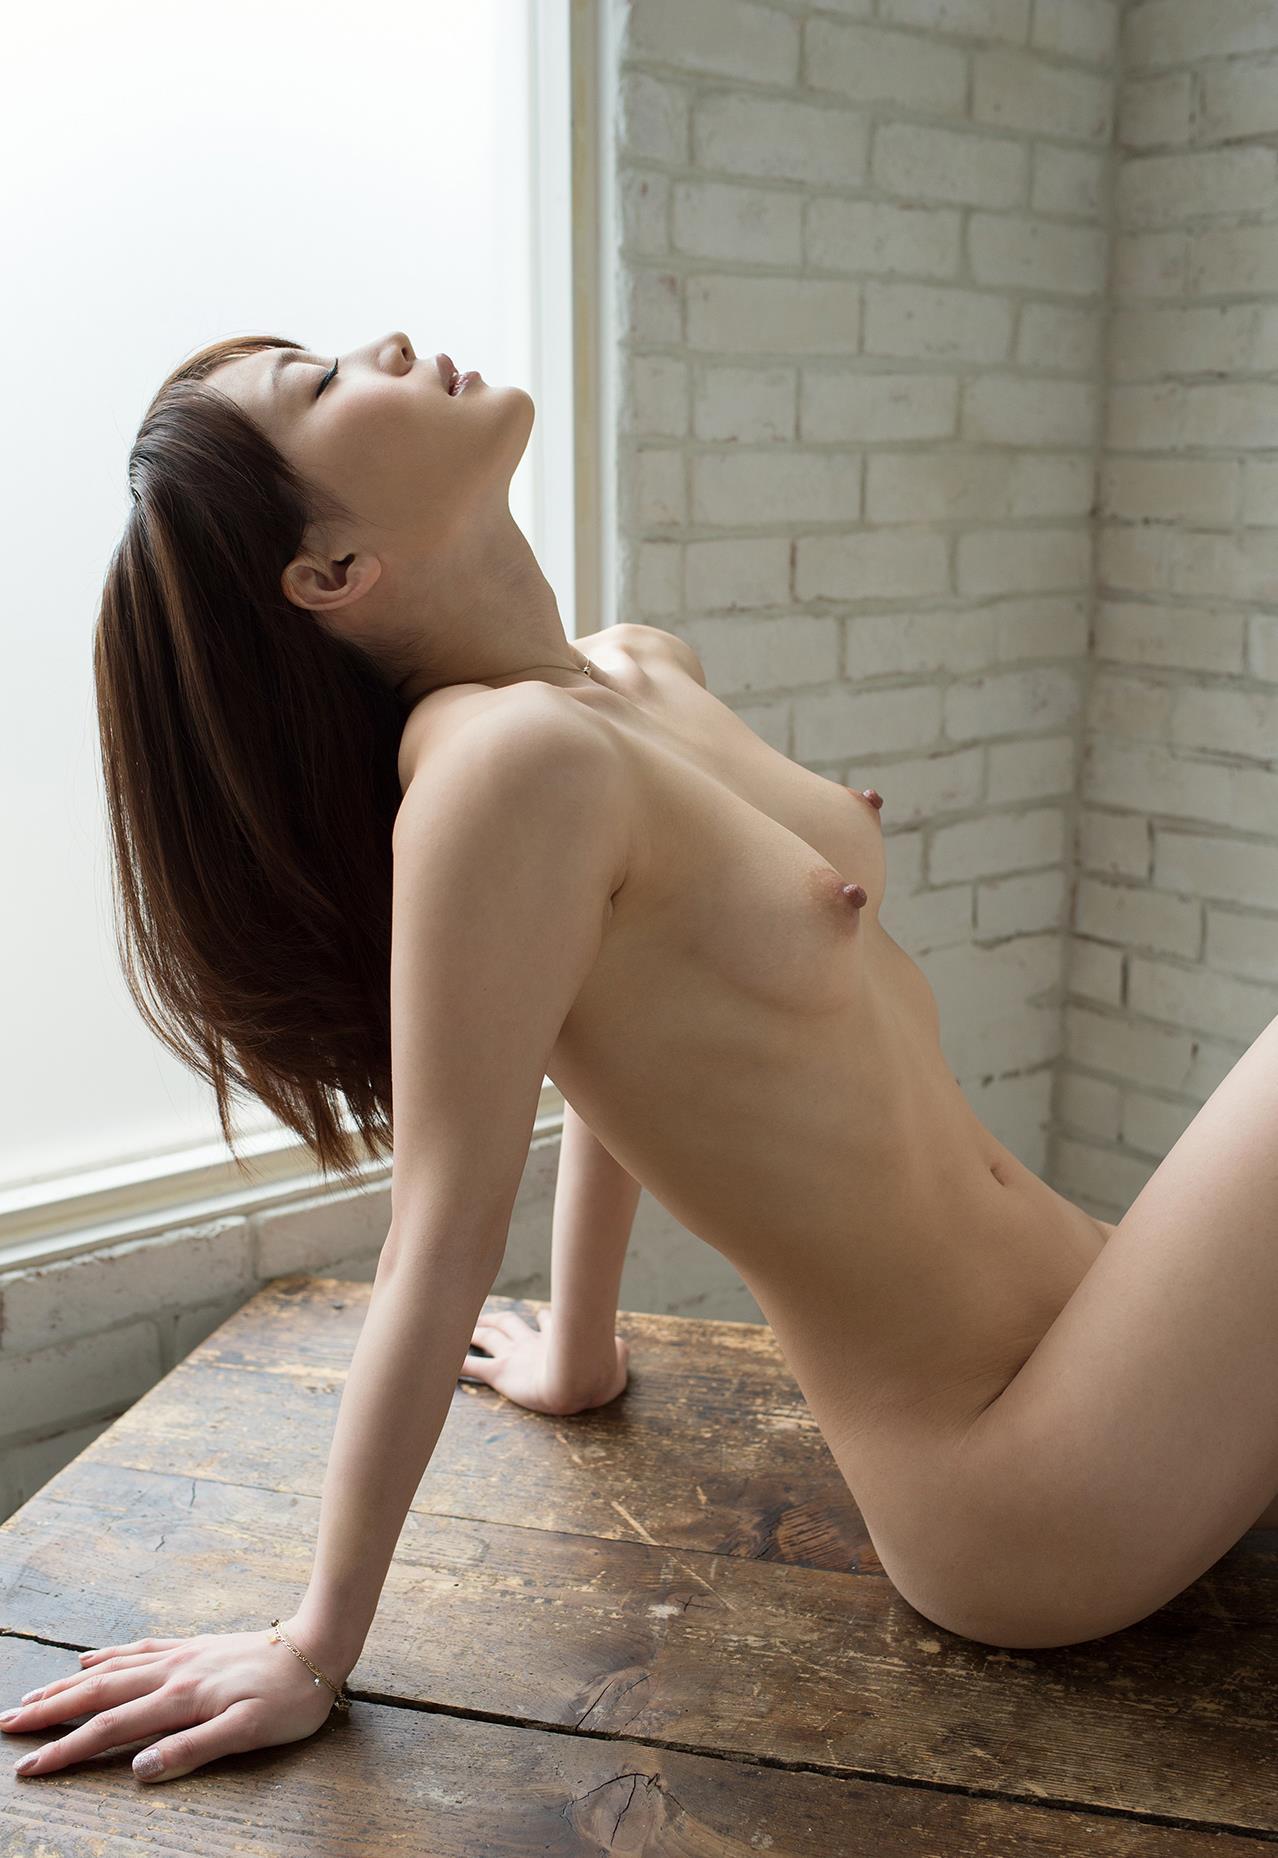 鈴村あいり 画像 26